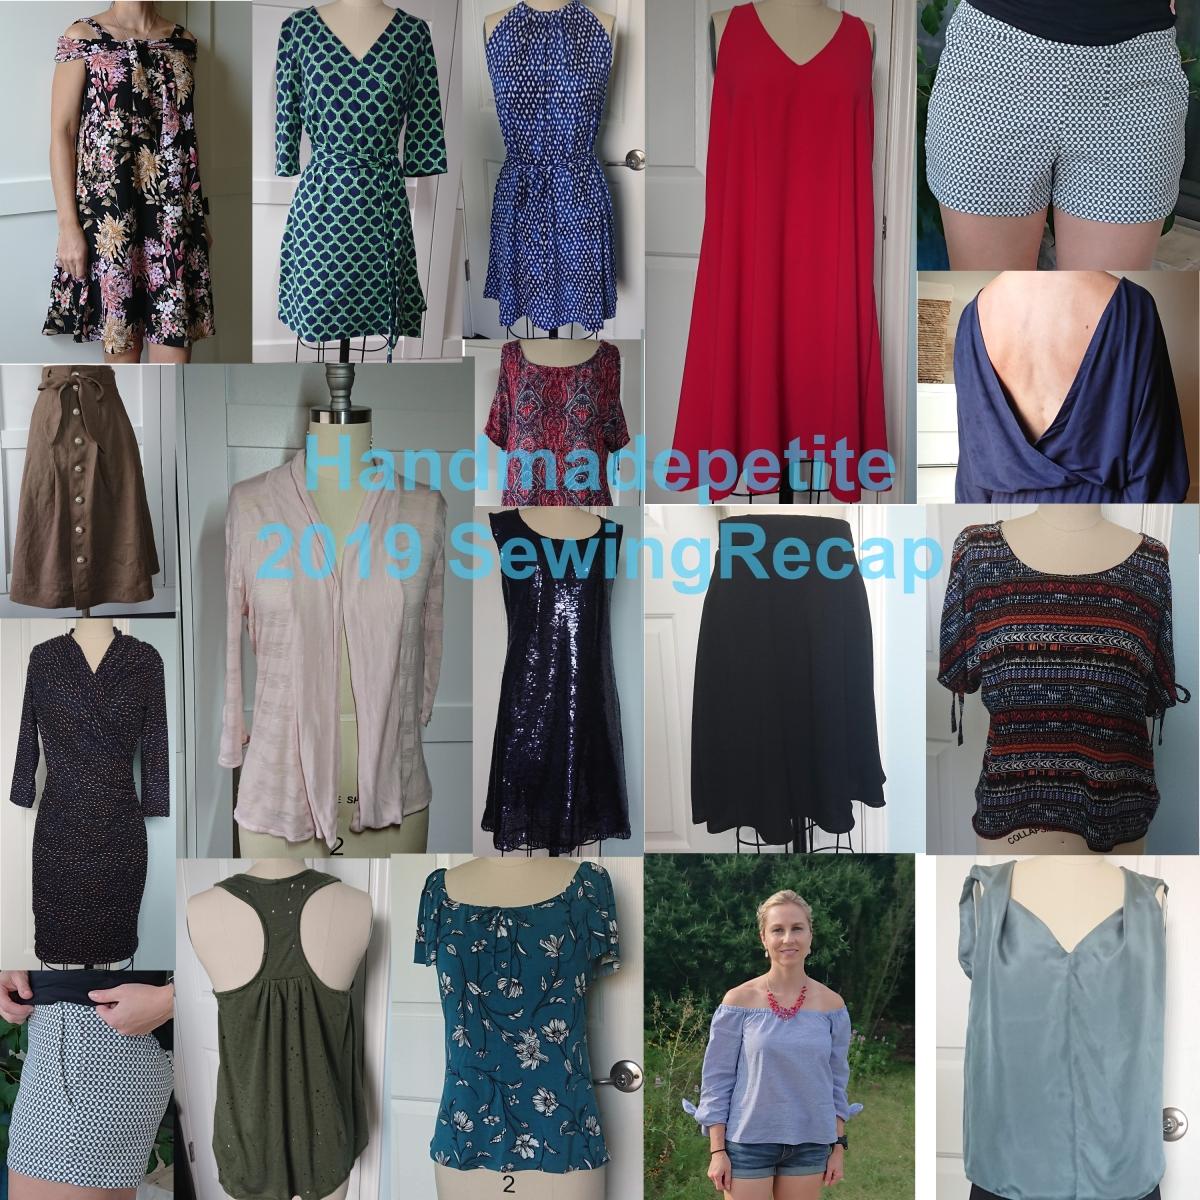 Sewing recap of 2019 handmadepetite; M7772 M6884 M7405 M7774 M6930 M7906 M6844 M7562 S9010 M7186 M6102 S1200 M7562 S8338 S8919 M7543 BurdaStyle103AB